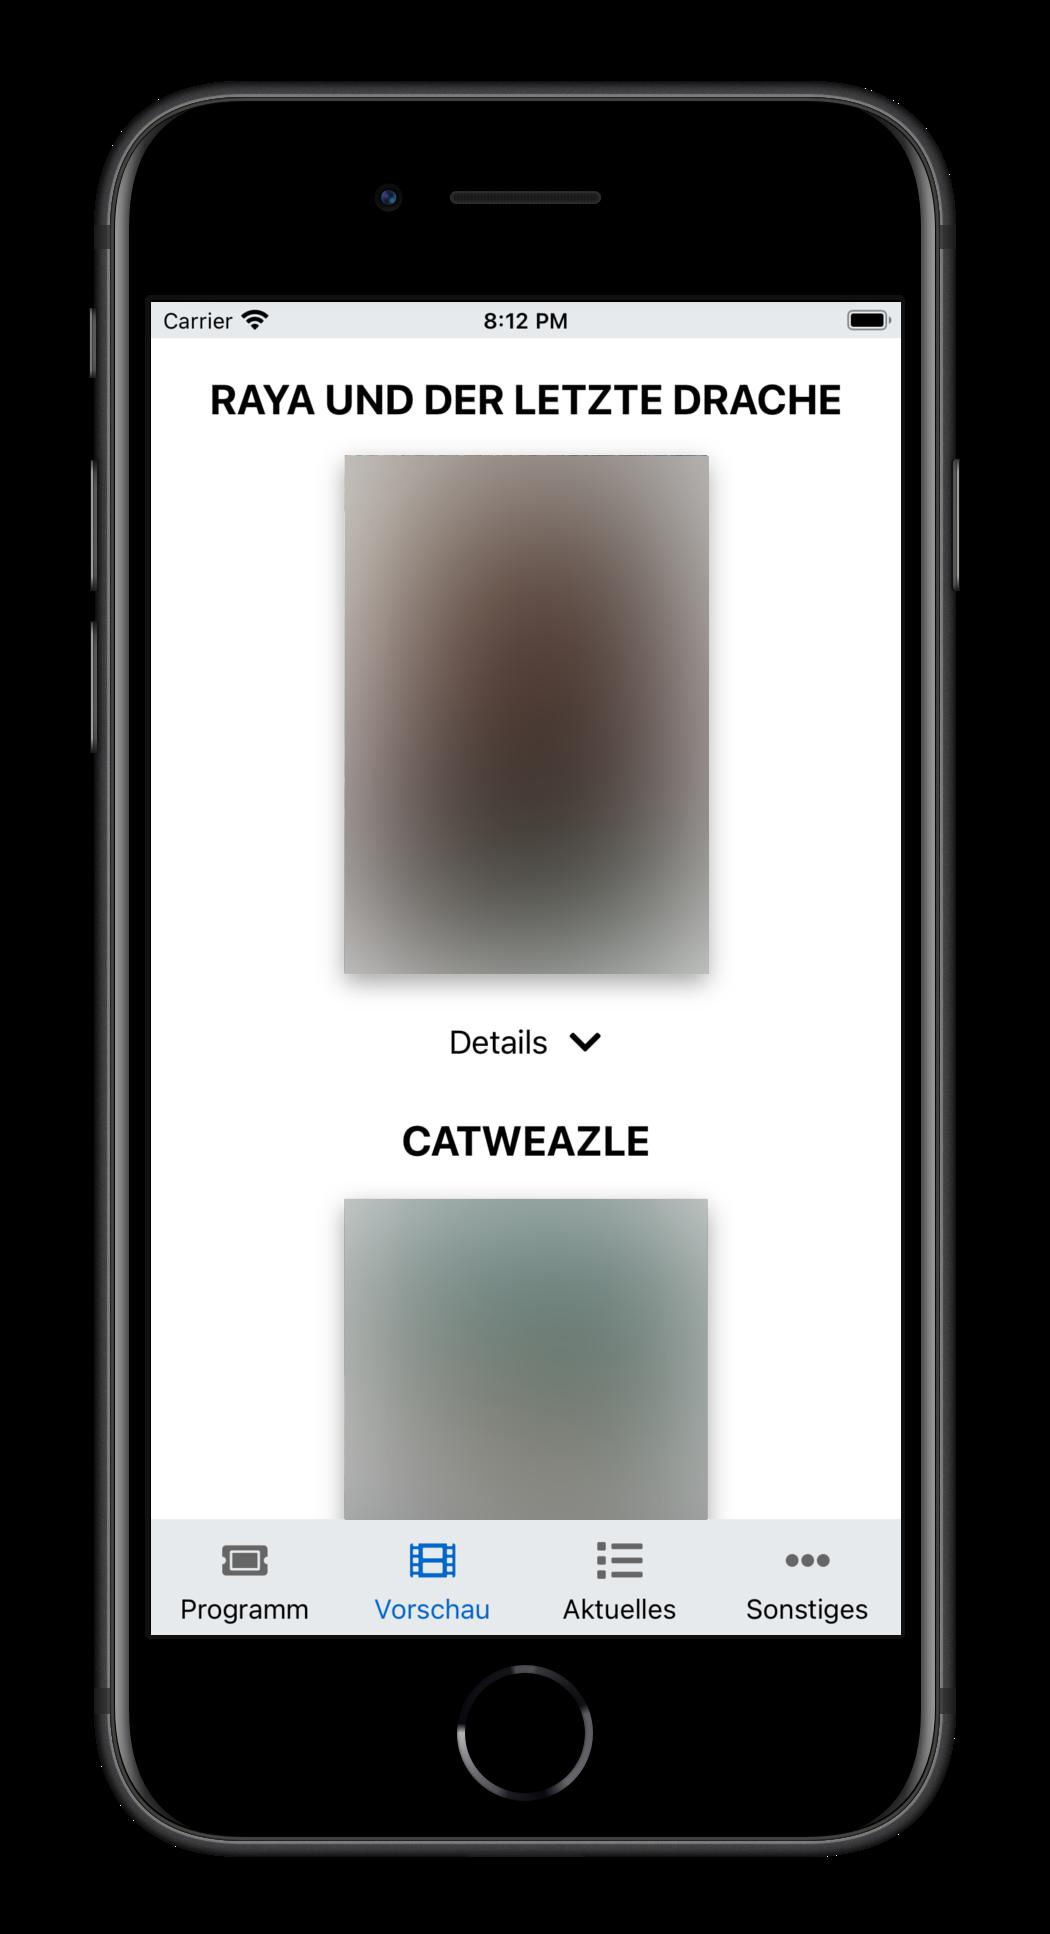 Simulator-Screen-Shot-iPhone-8-Plus-2021-02-19-at-20.12.00_iphoneseblack_portrait_blurred